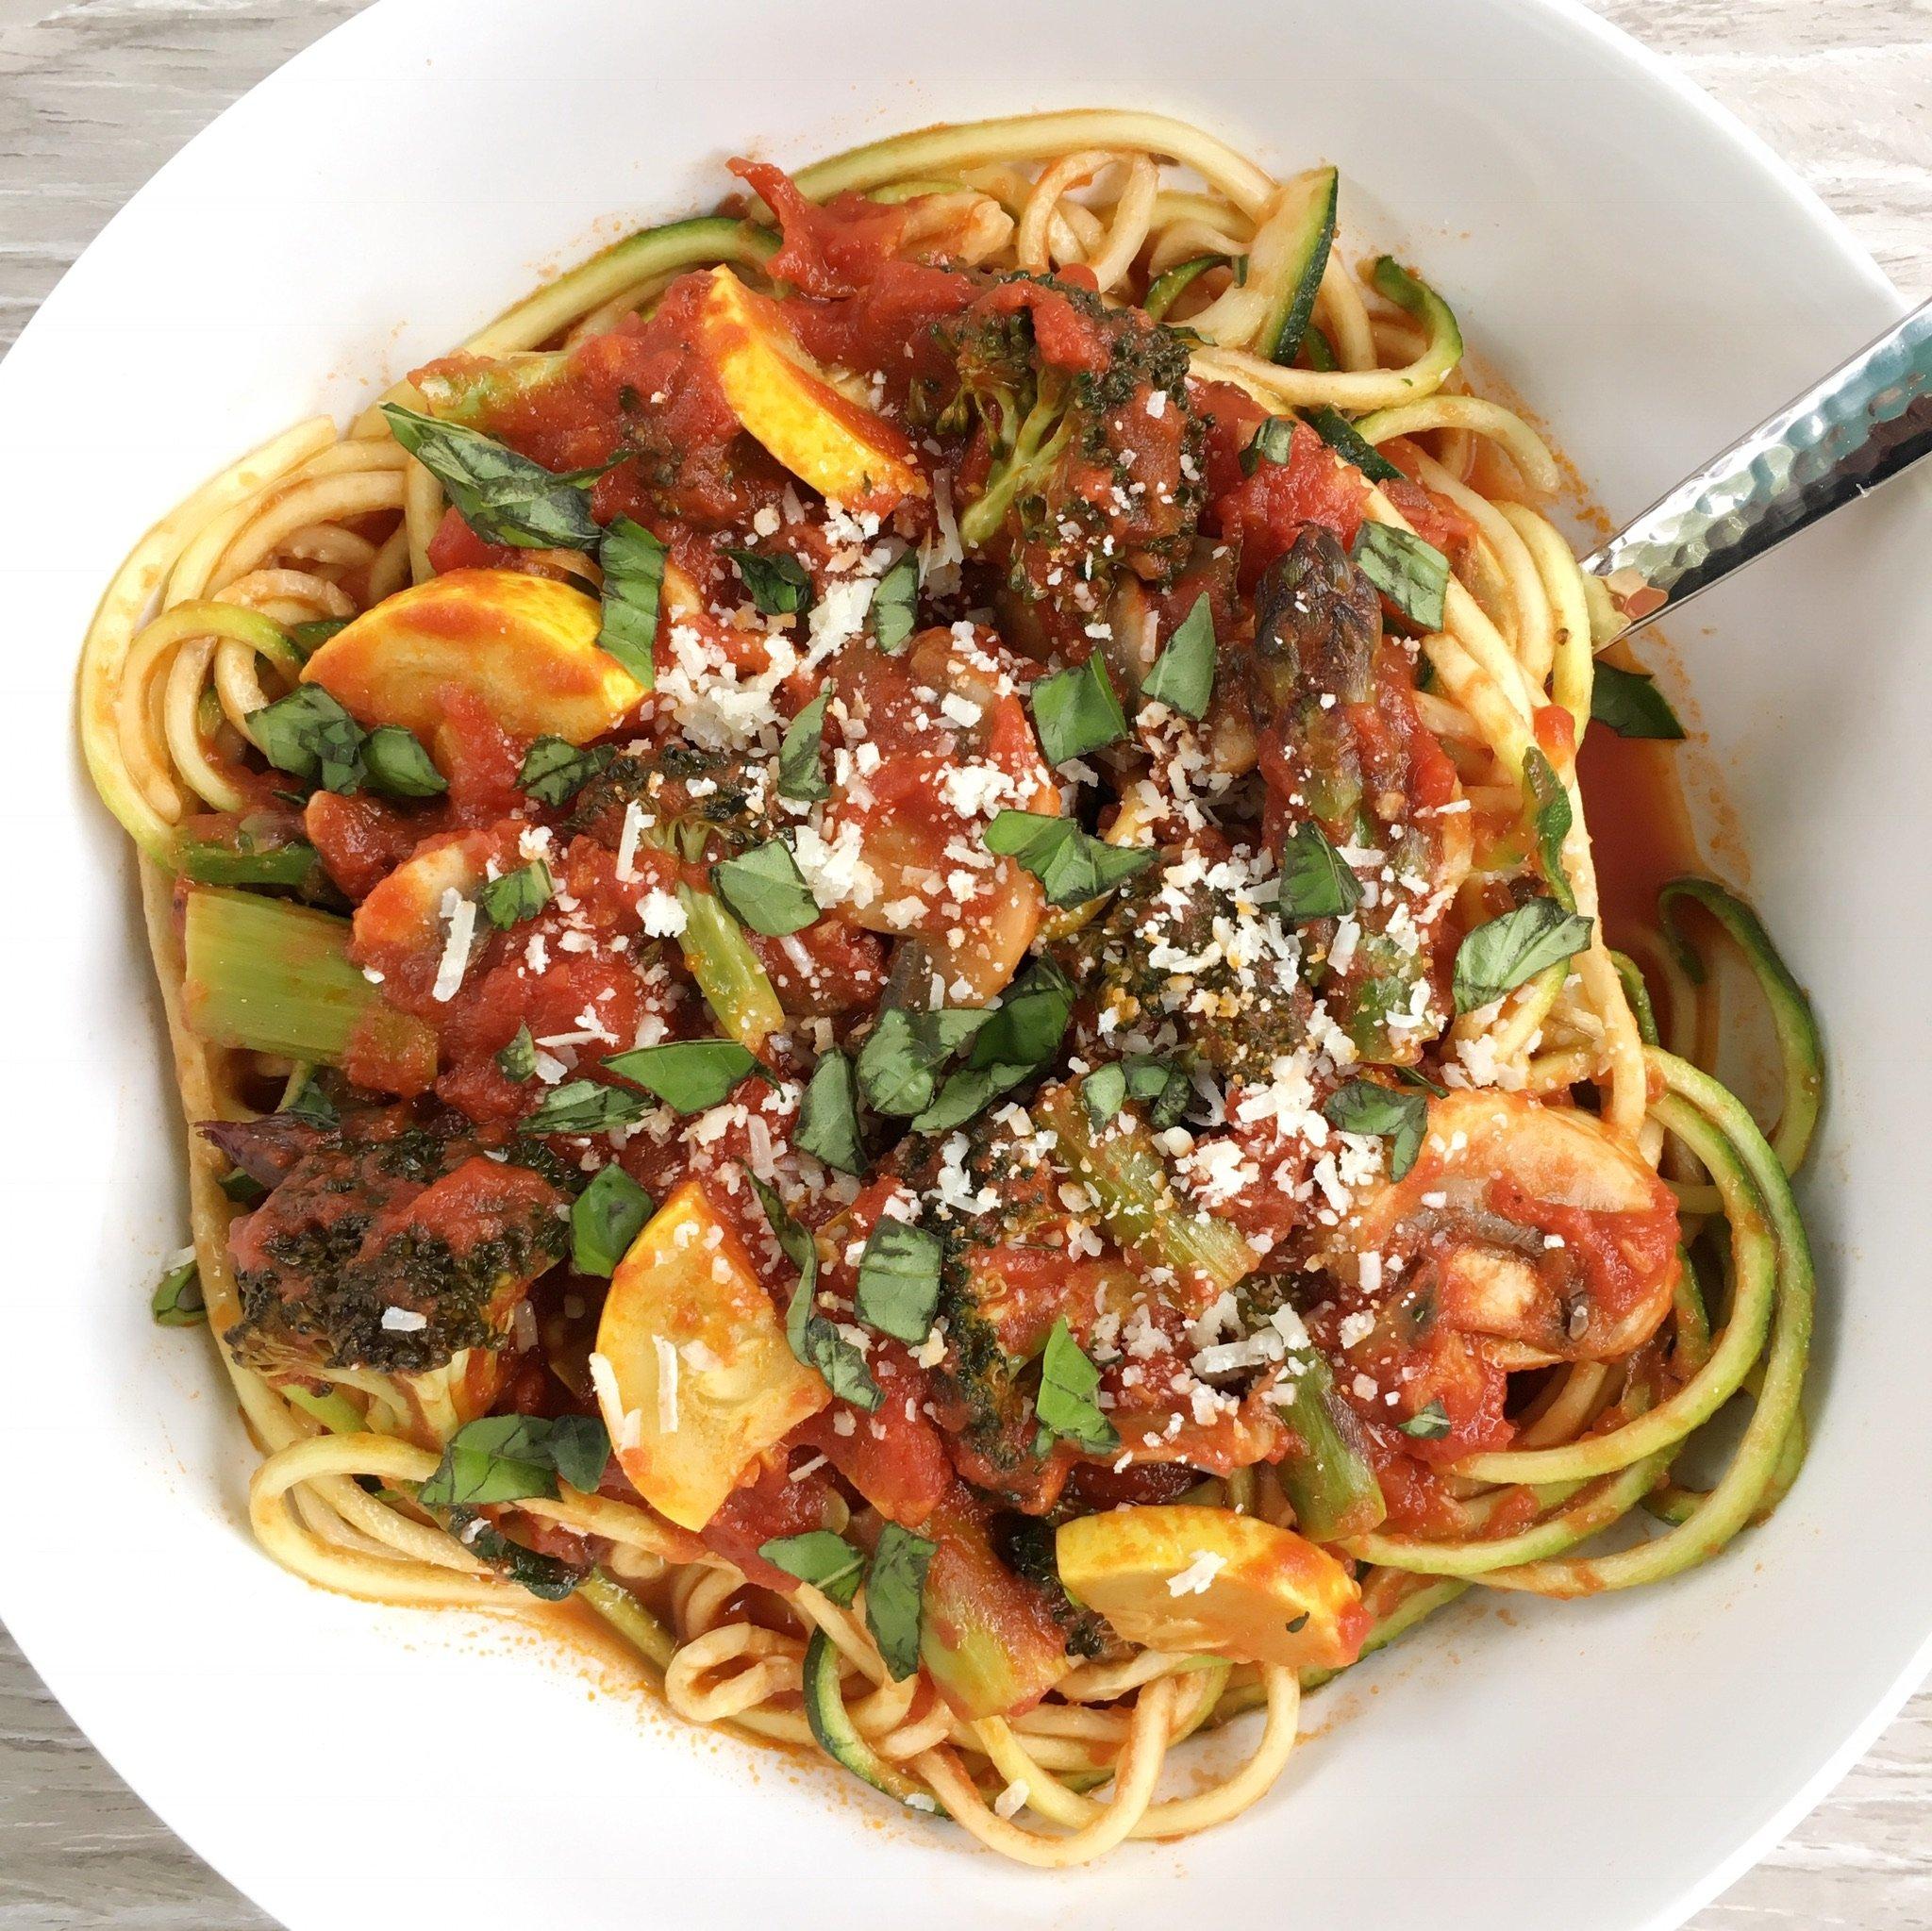 zucchini noodles primavera